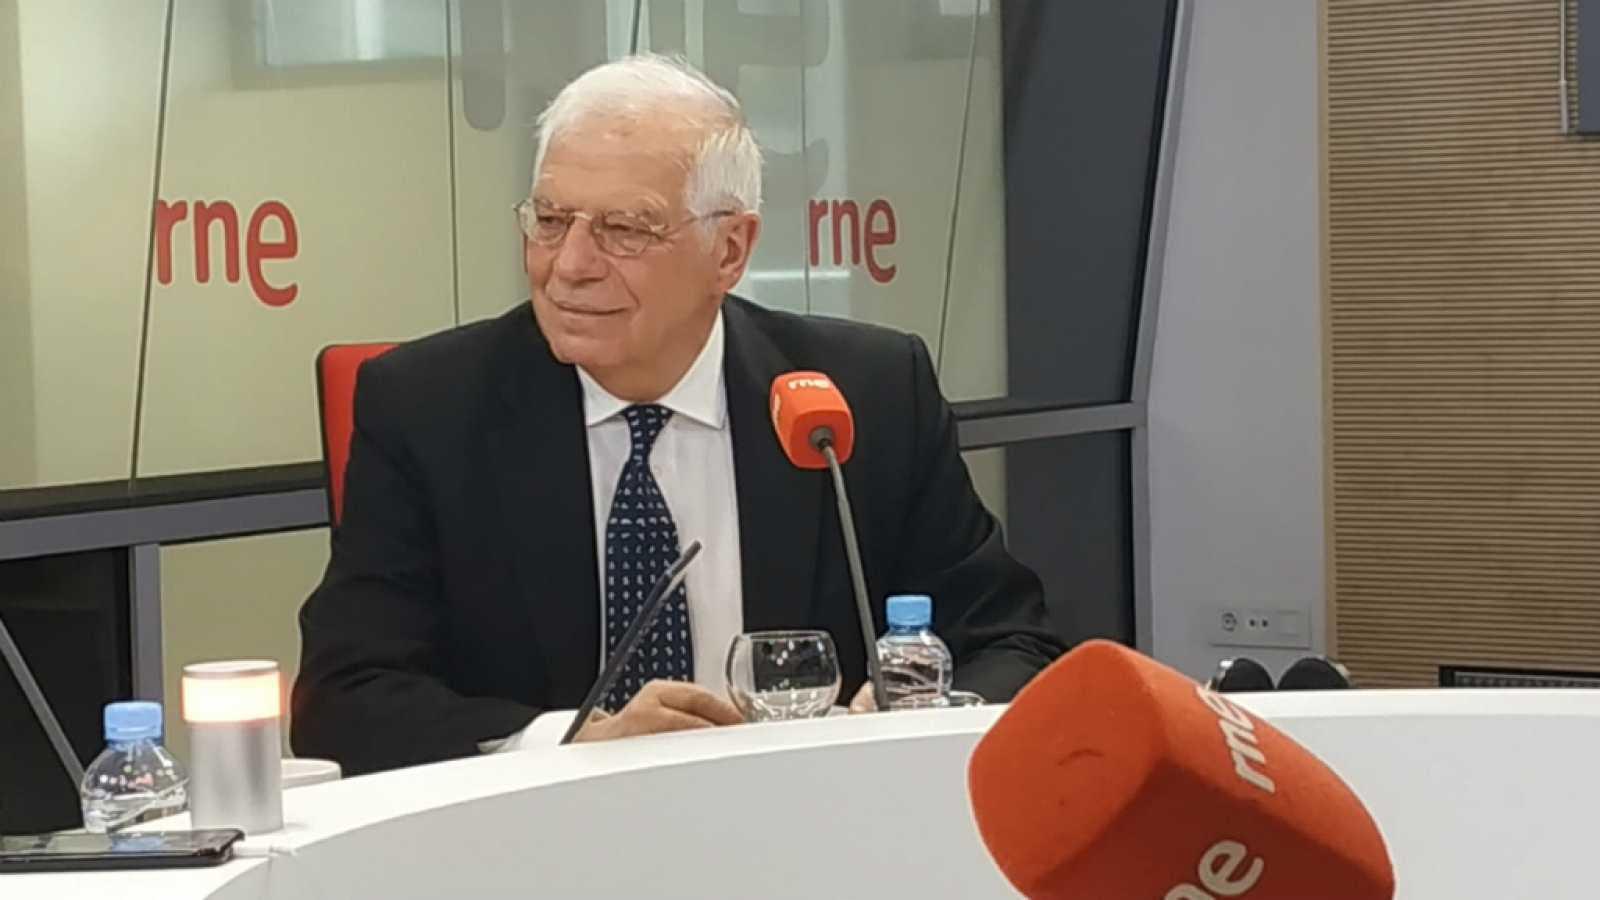 """Josep Borrell: """"La paraula rescat és improcedent. Es tracta de saber com ens endeutem i com anem al mercat de fons per estats"""""""